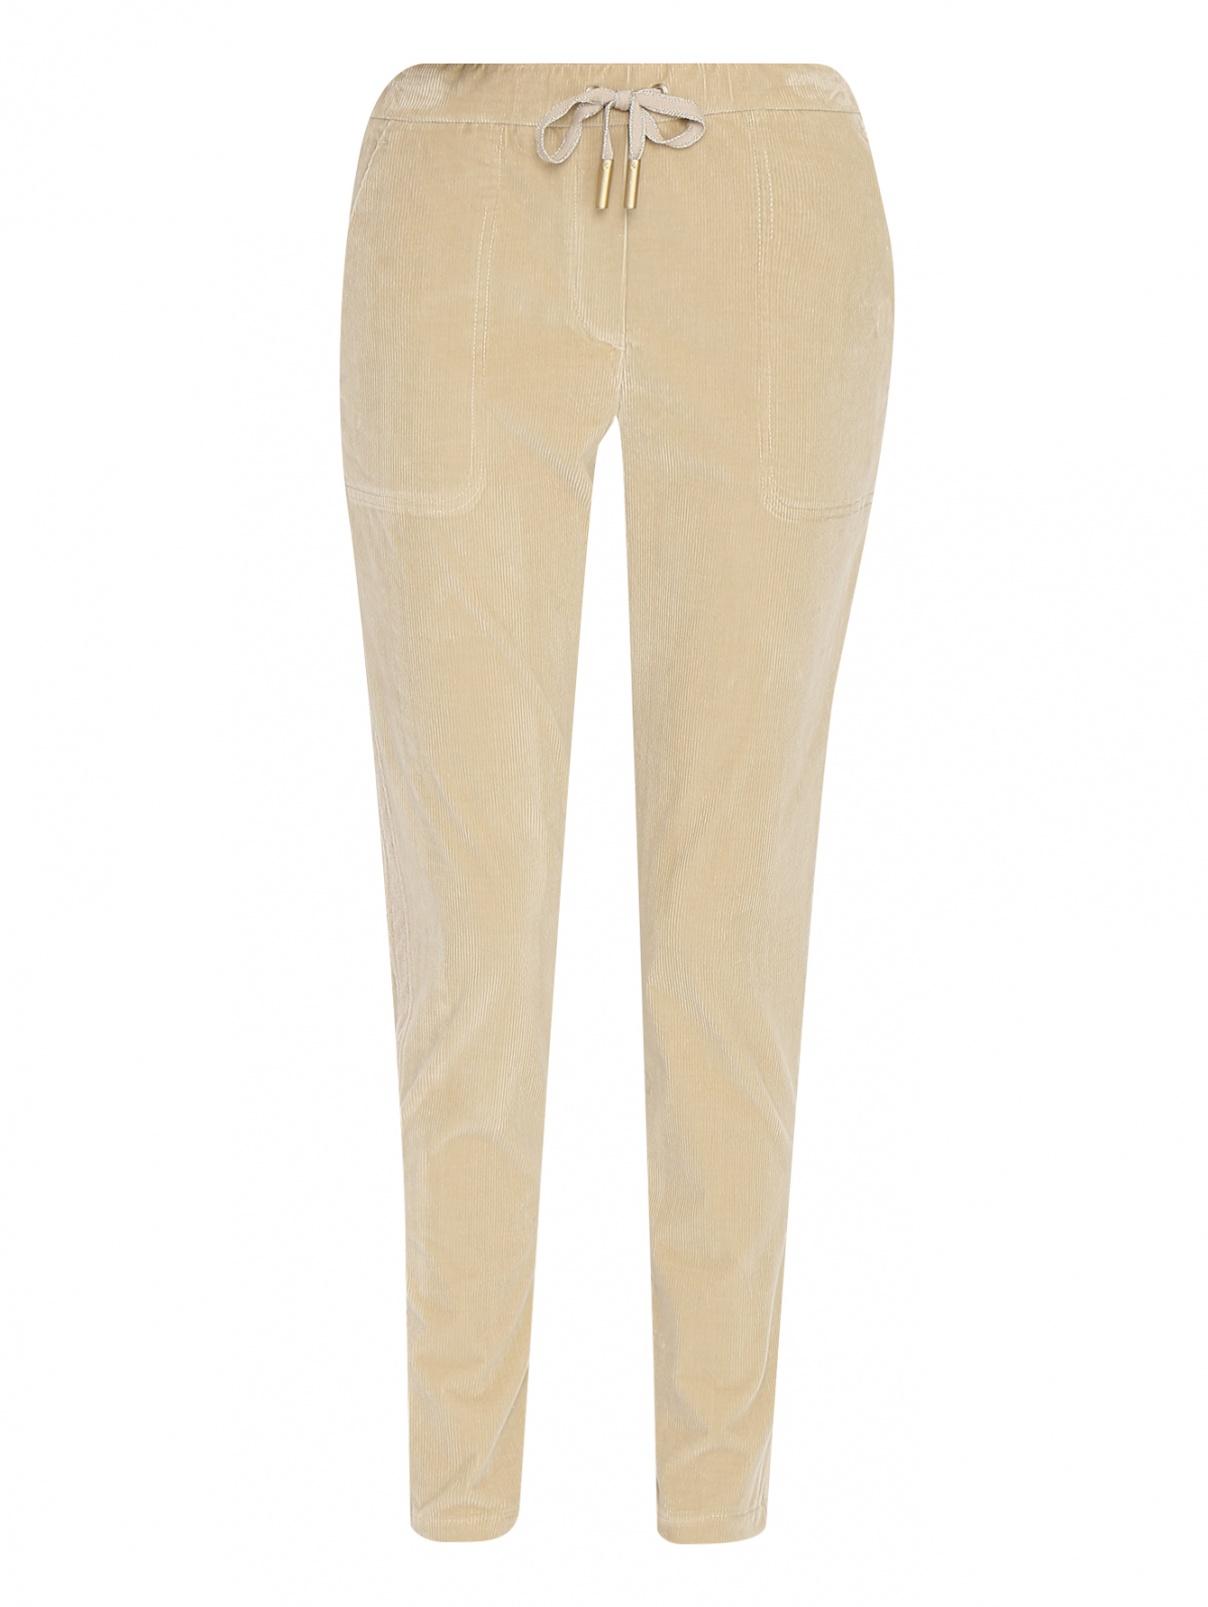 Вельветовые брюки на резинке с карманами Lorena Antoniazzi  –  Общий вид